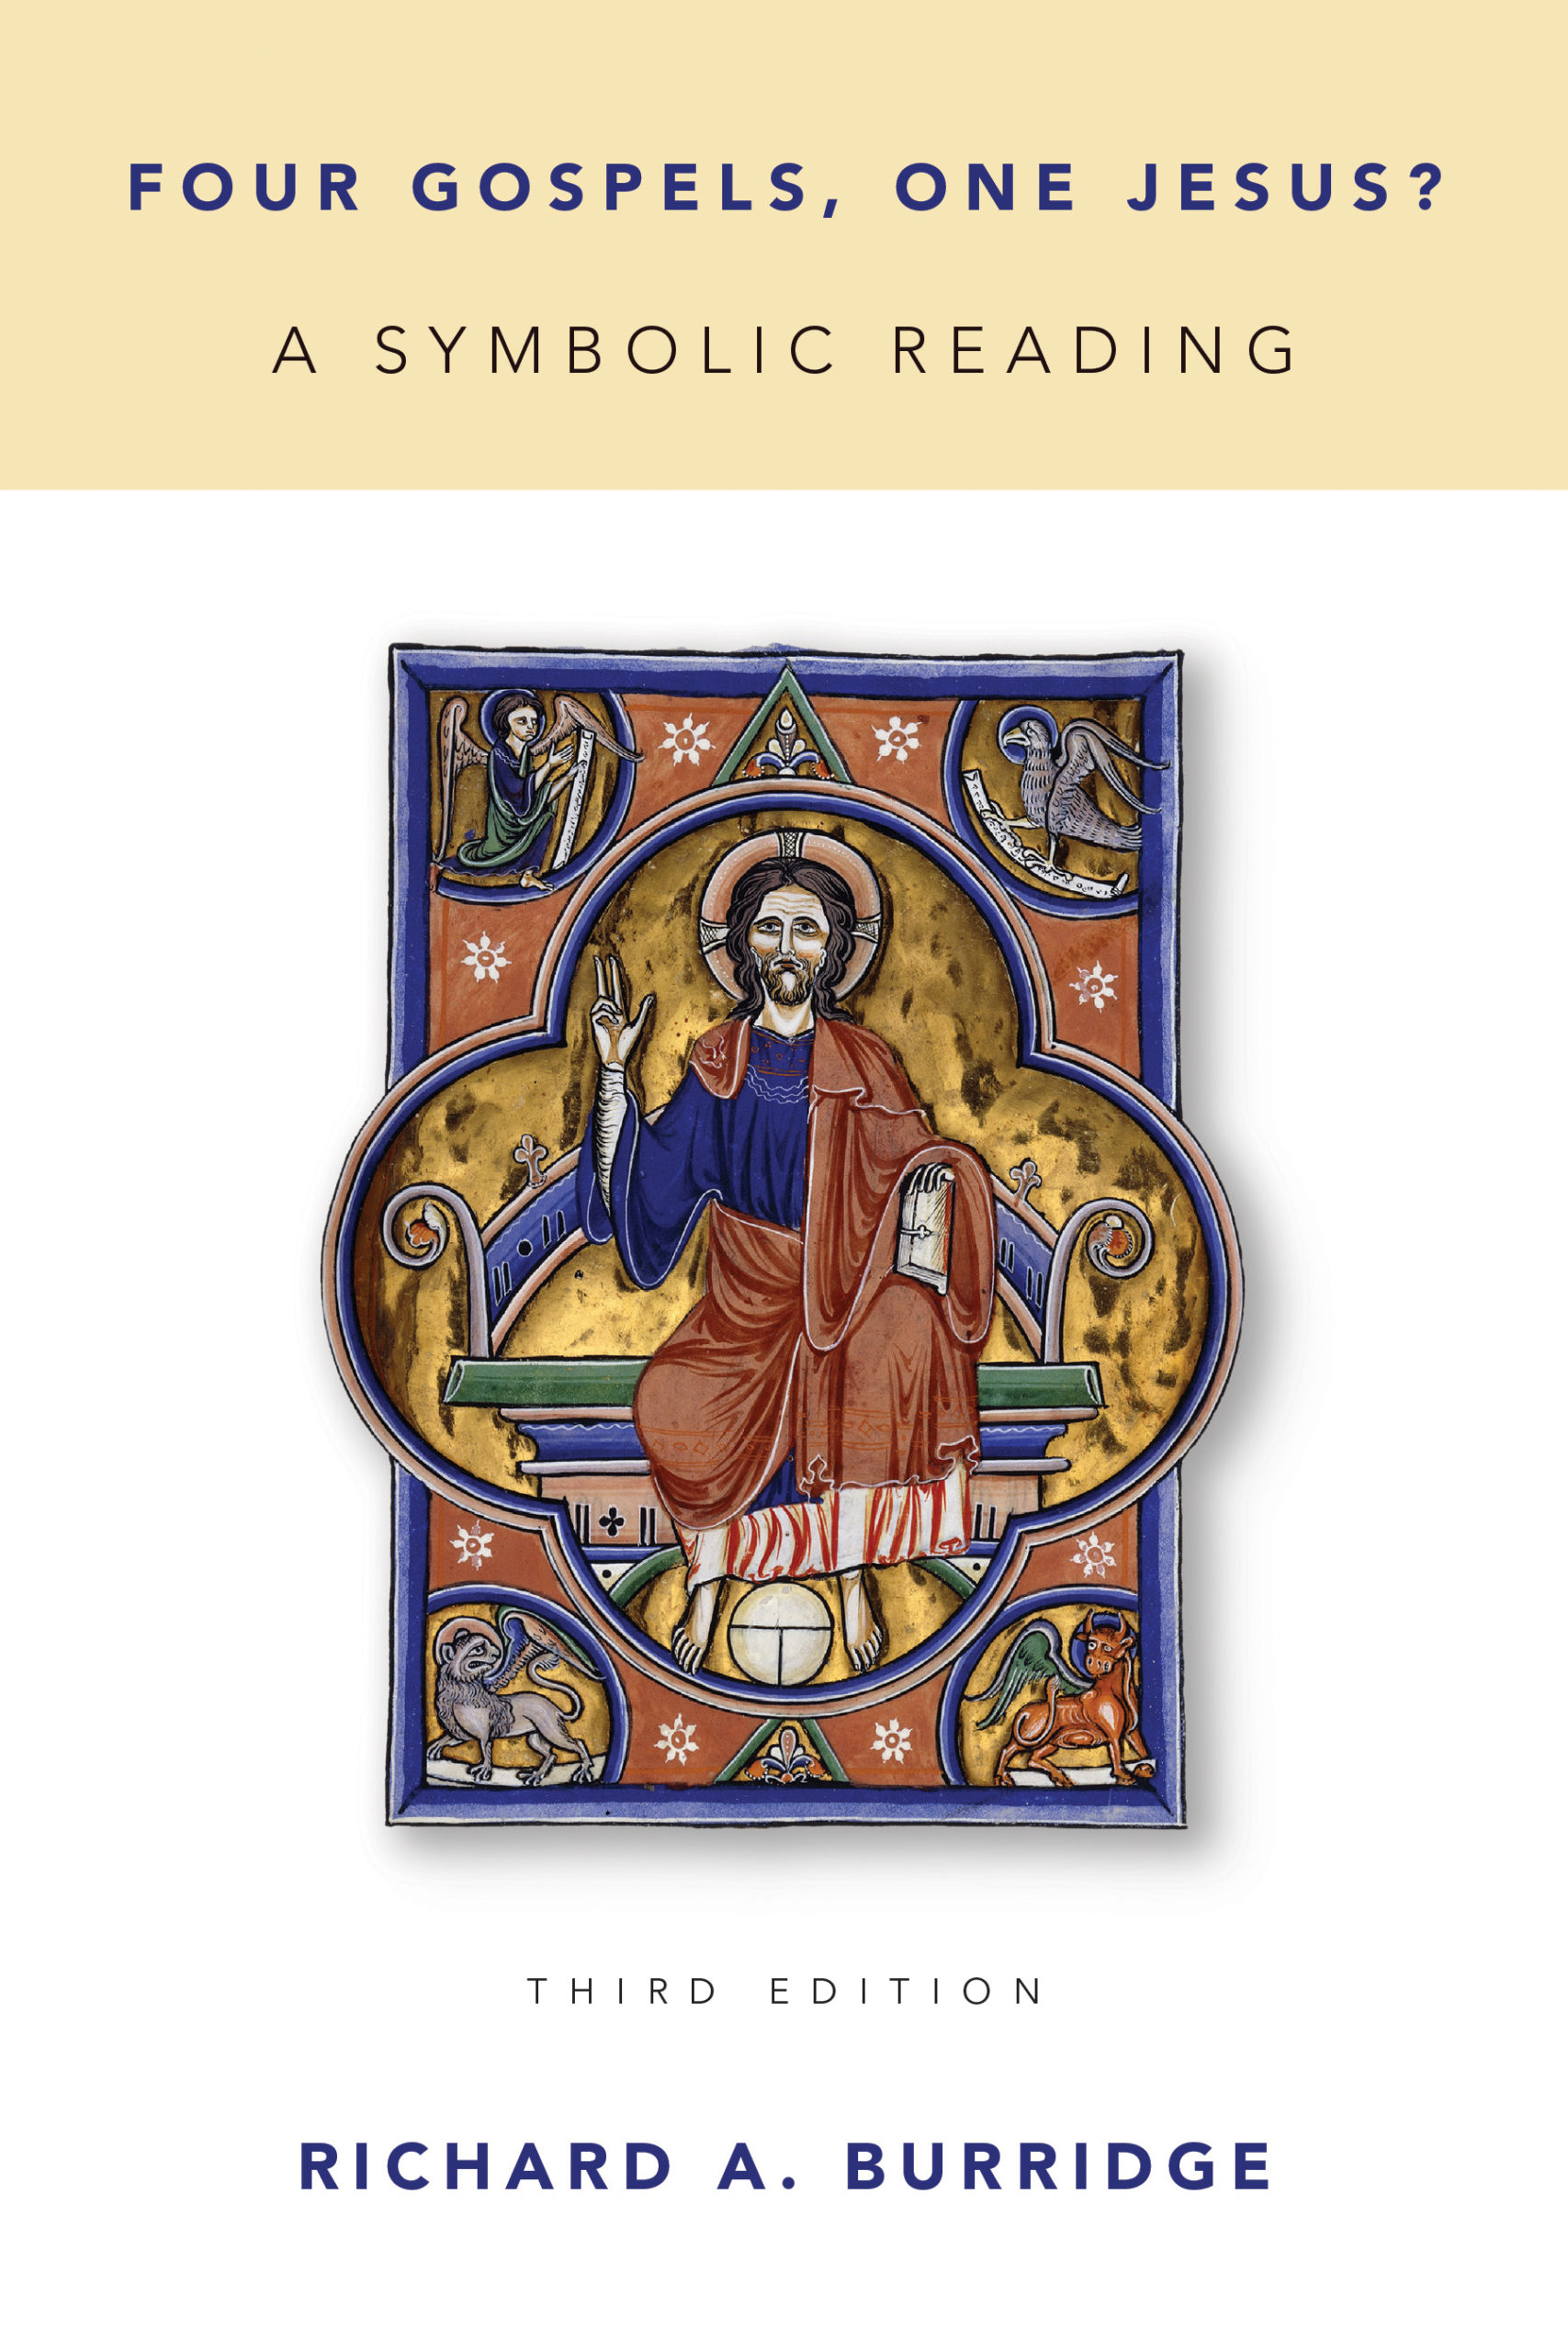 Four Gospels One Jesus cover